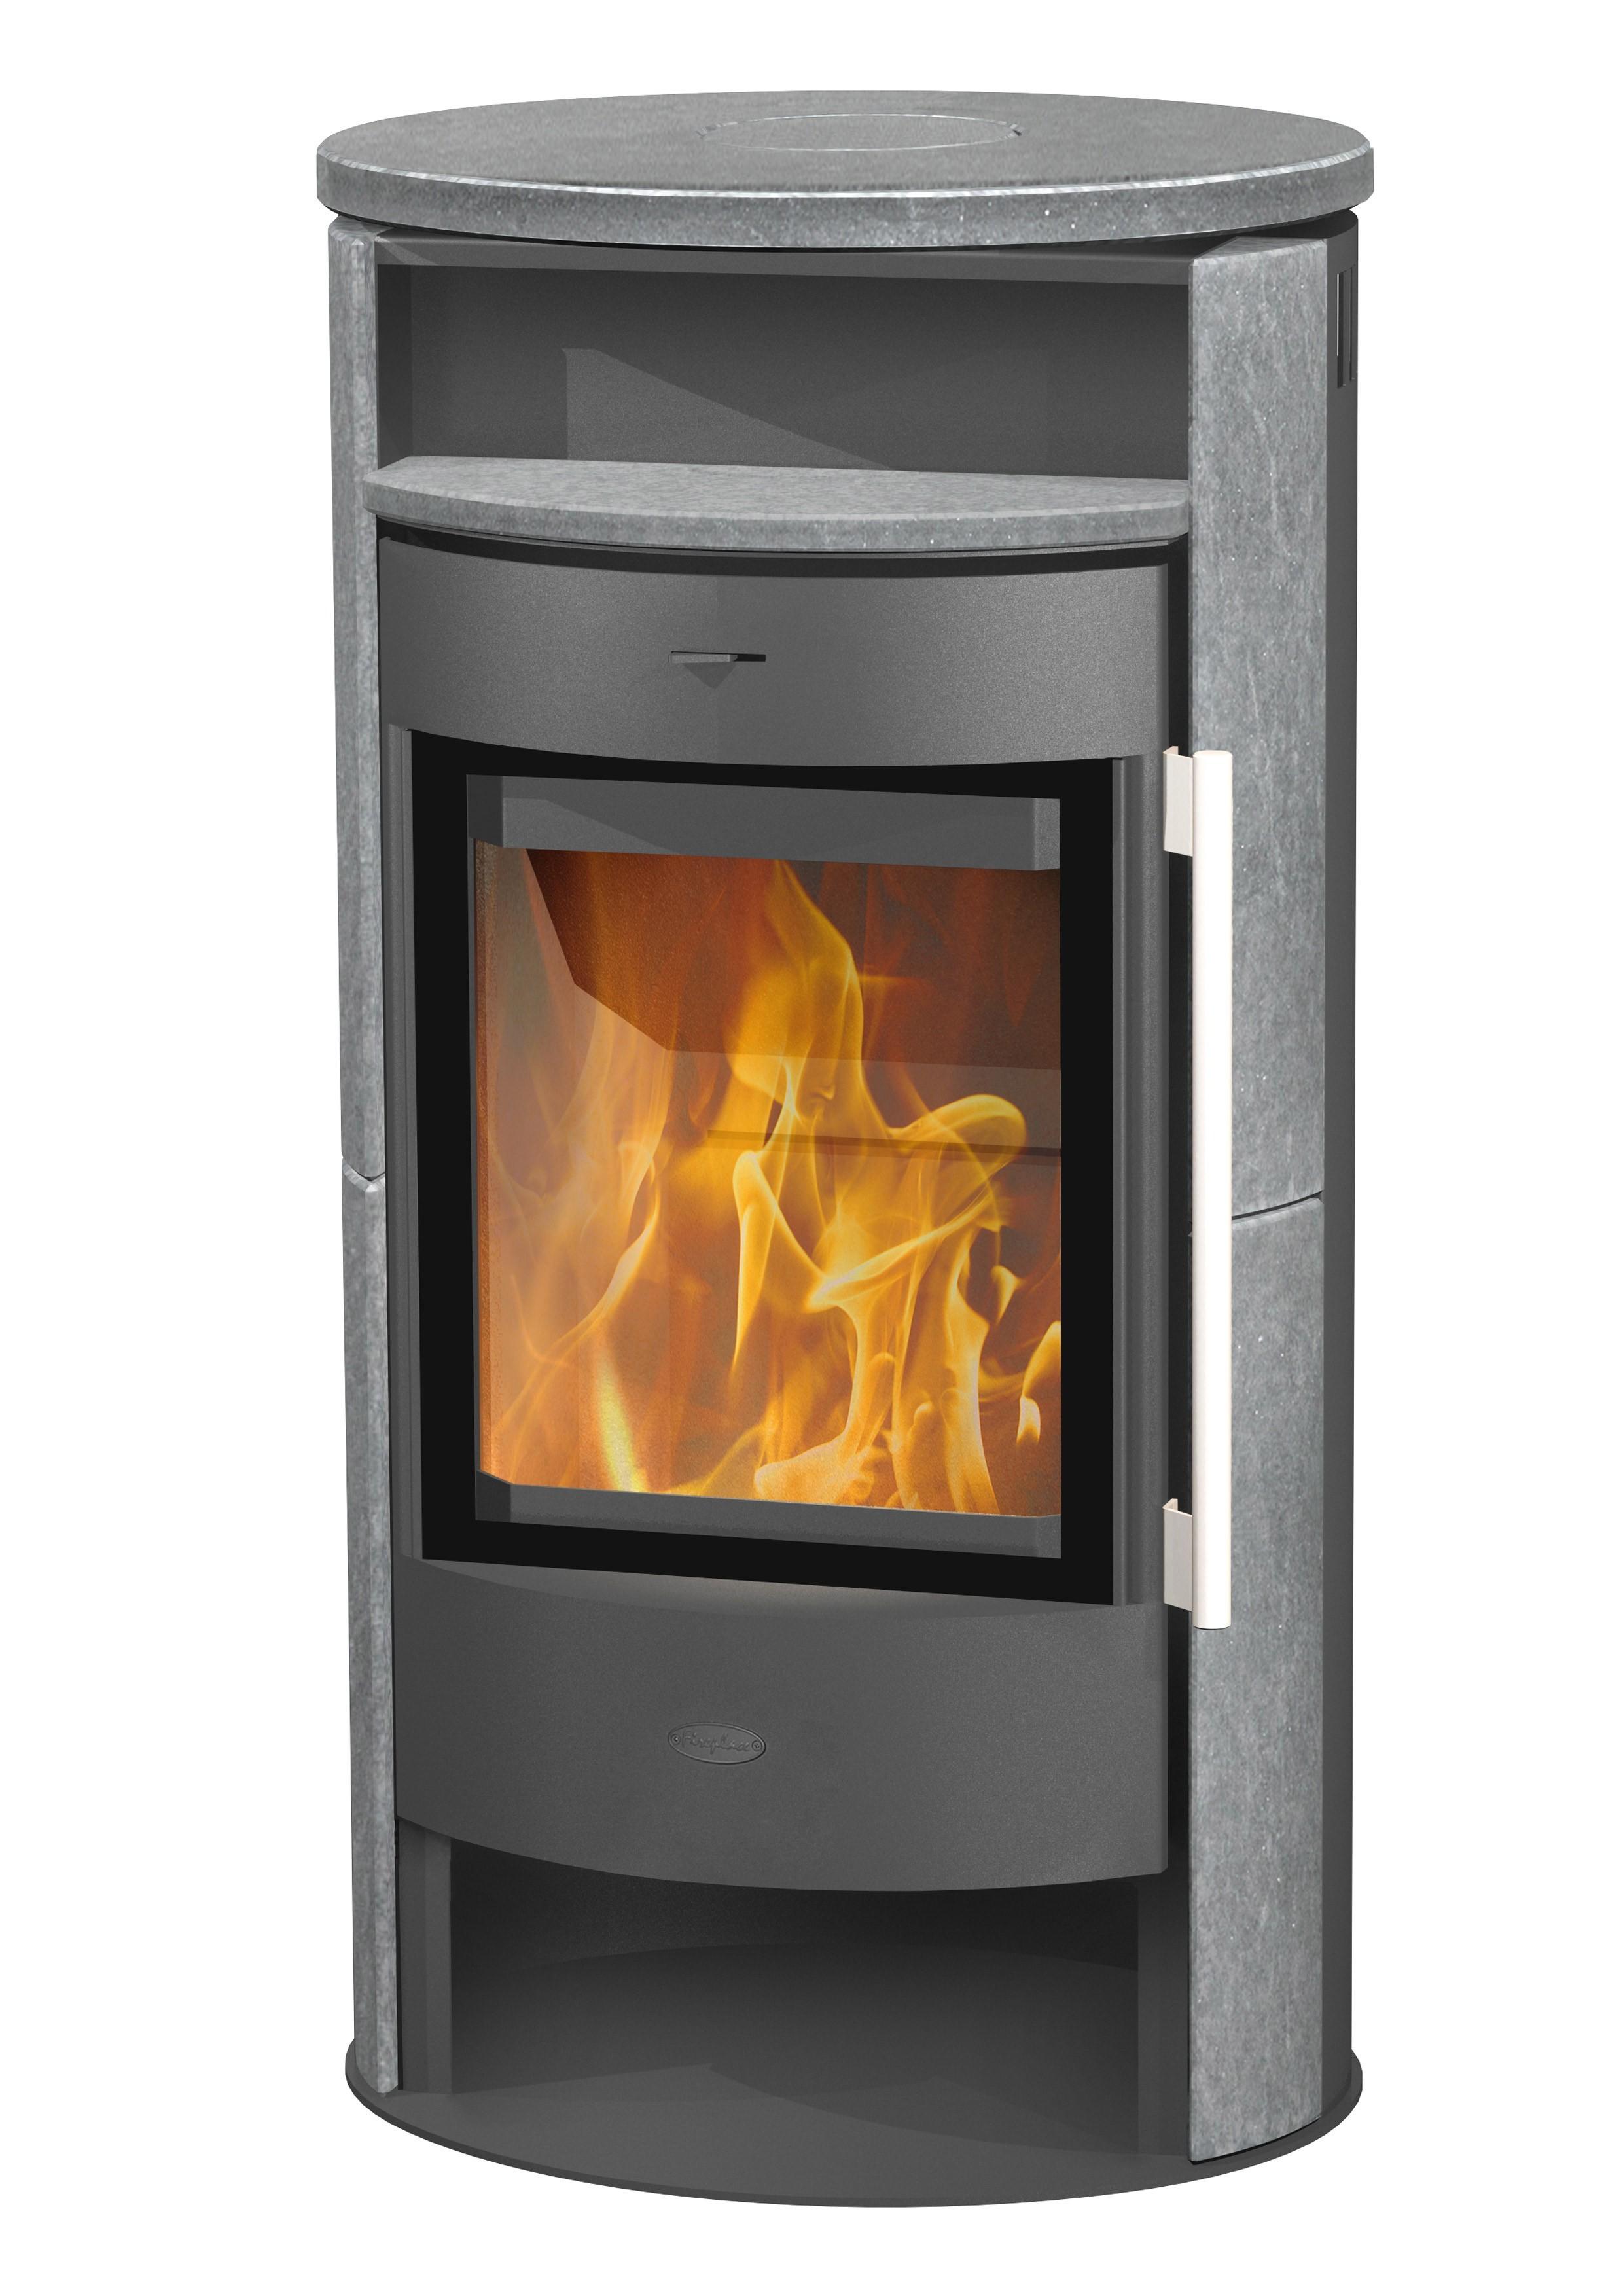 kaminofen fireplace durango grau speckstein 6kw bei. Black Bedroom Furniture Sets. Home Design Ideas